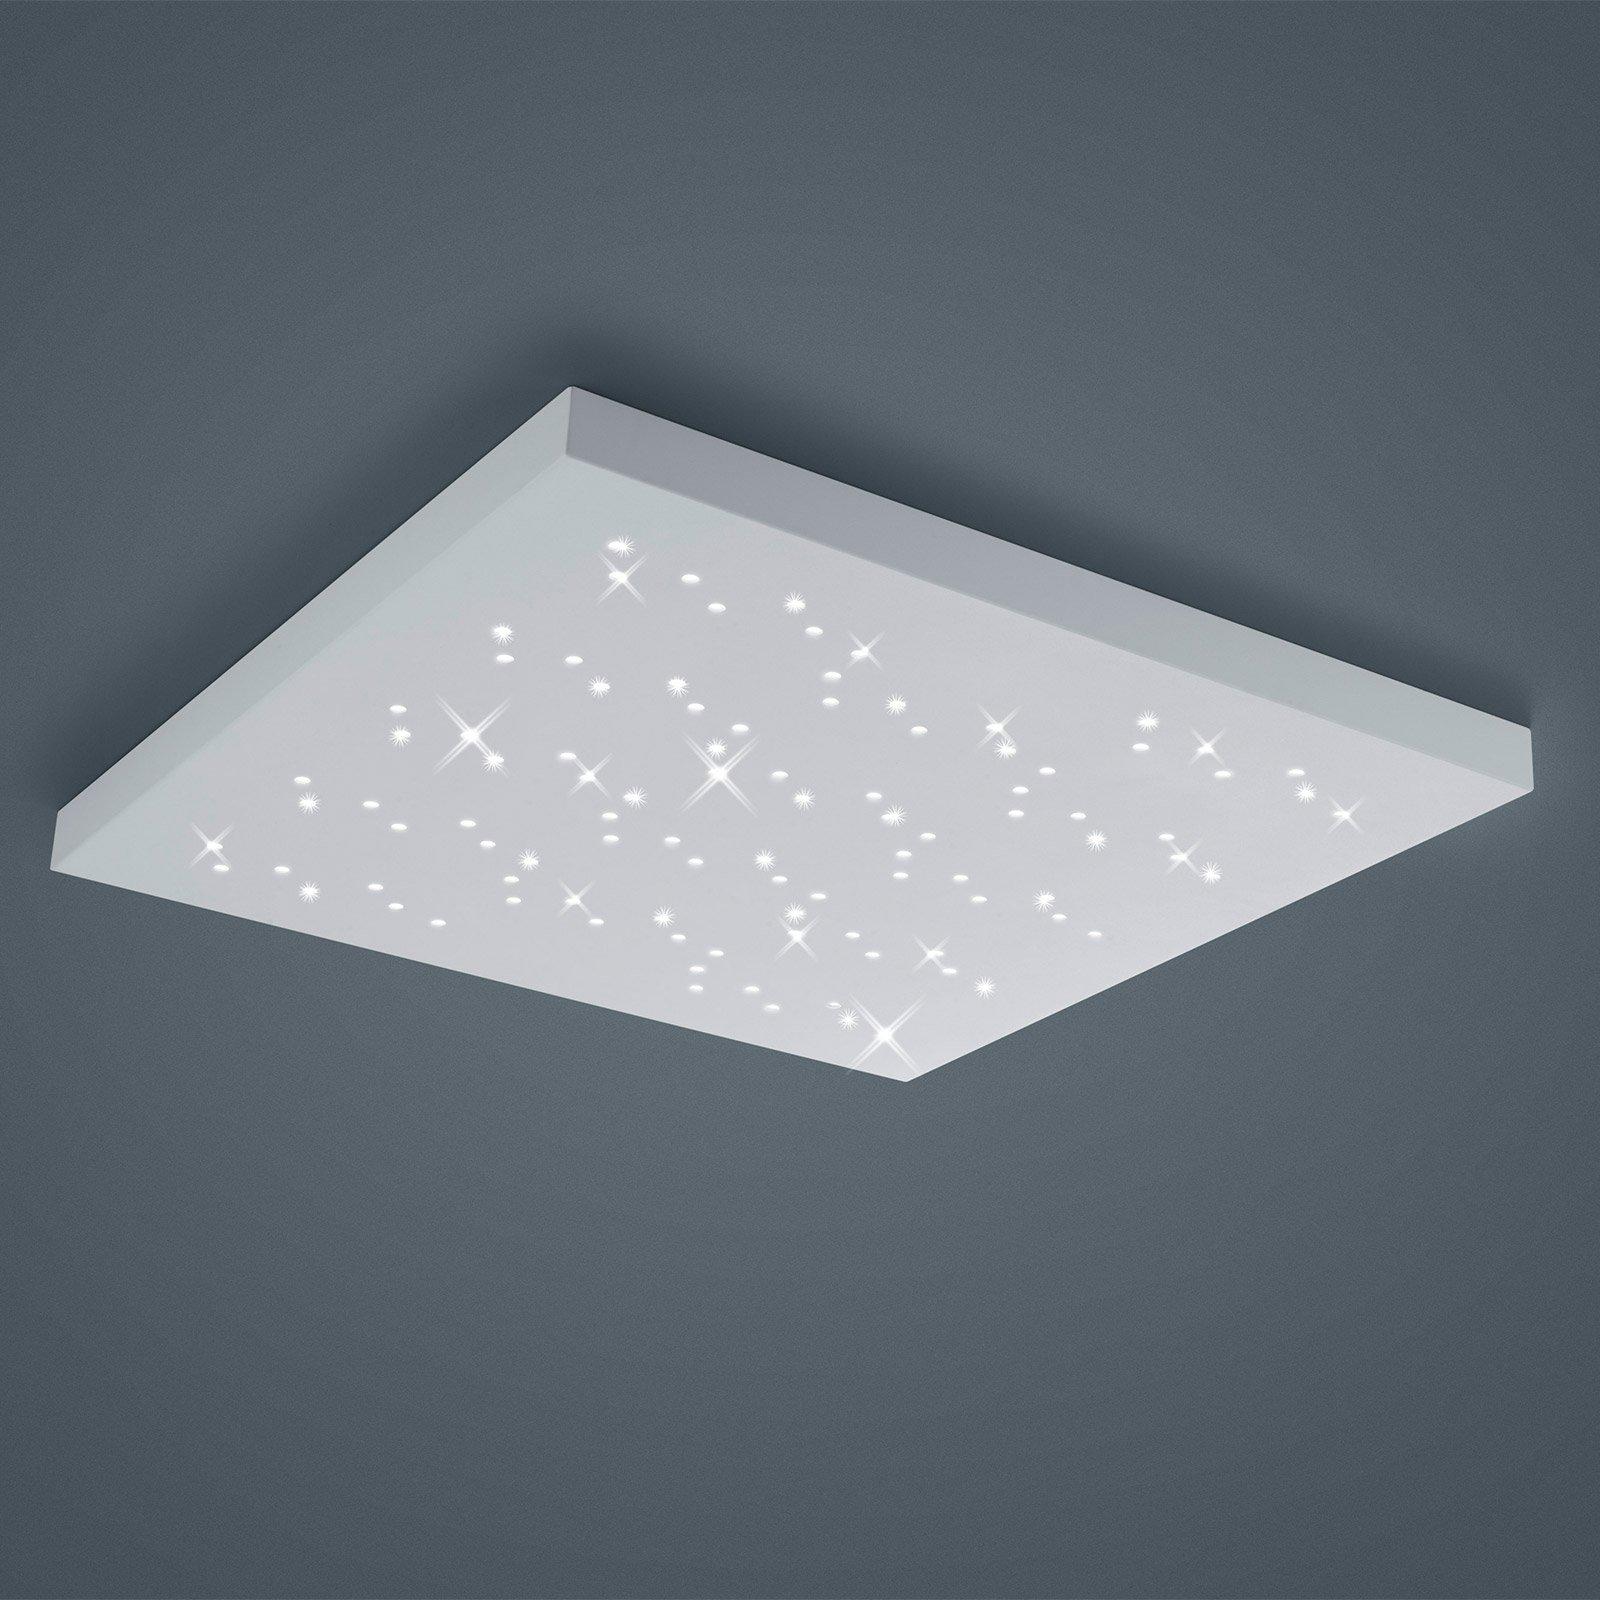 LED-taklampe Titus hvit 75 x 75 cm